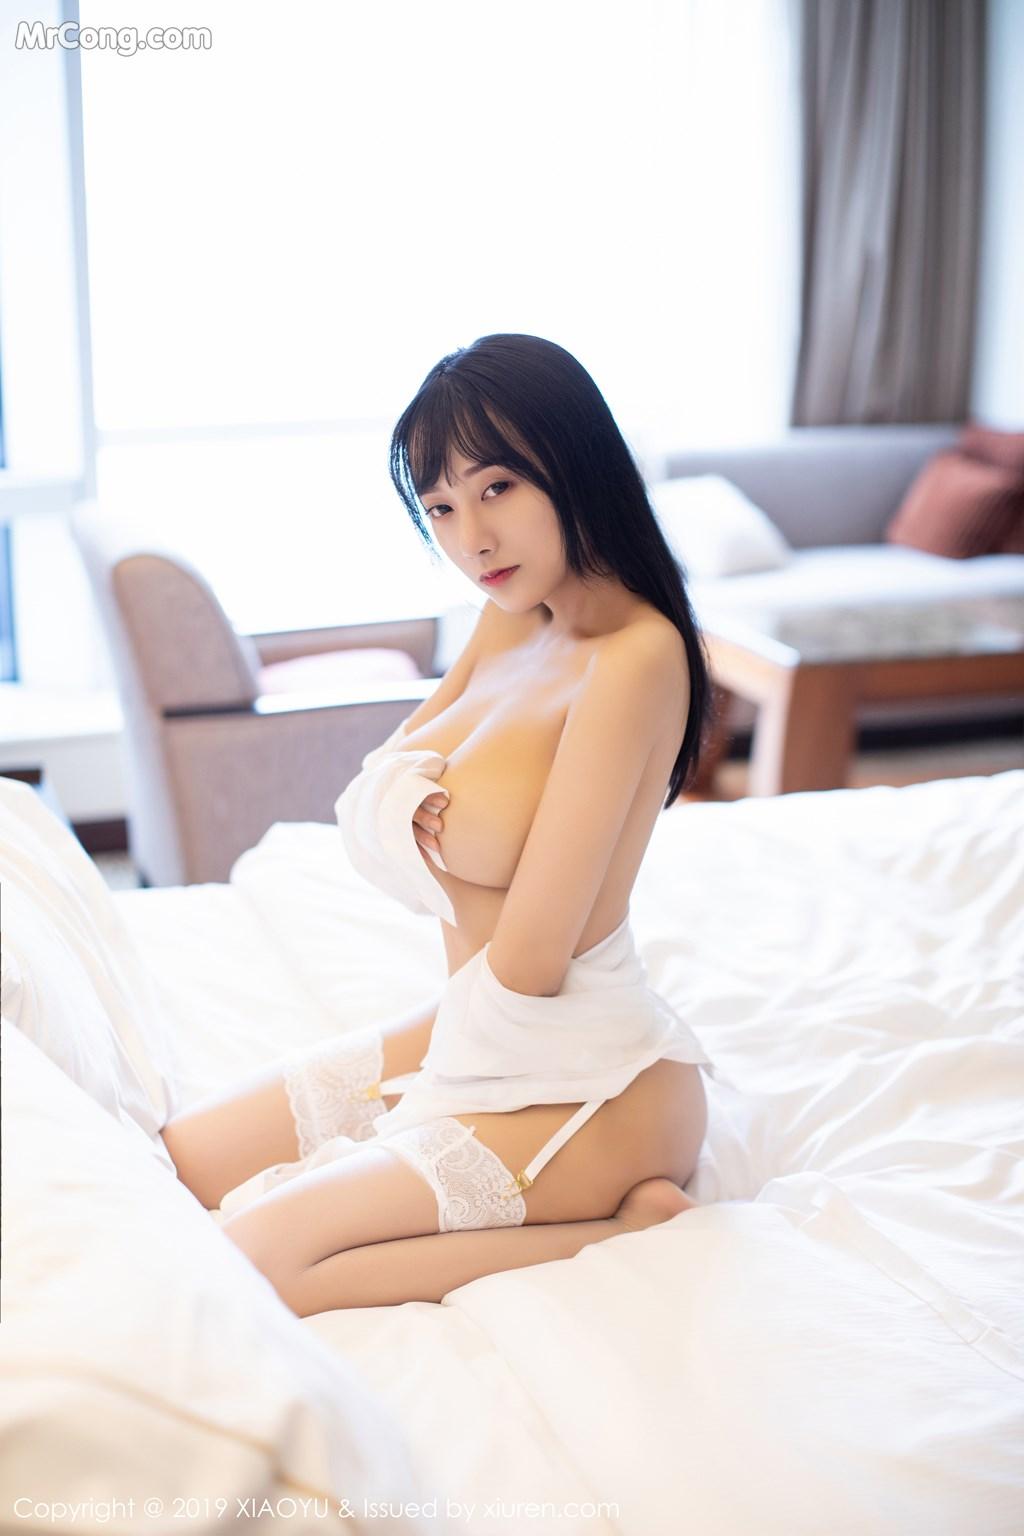 Image XiaoYu-Vol.076-He-Jia-Ying-MrCong.com-066 in post XiaoYu Vol.076: He Jia Ying (何嘉颖) (72 ảnh)